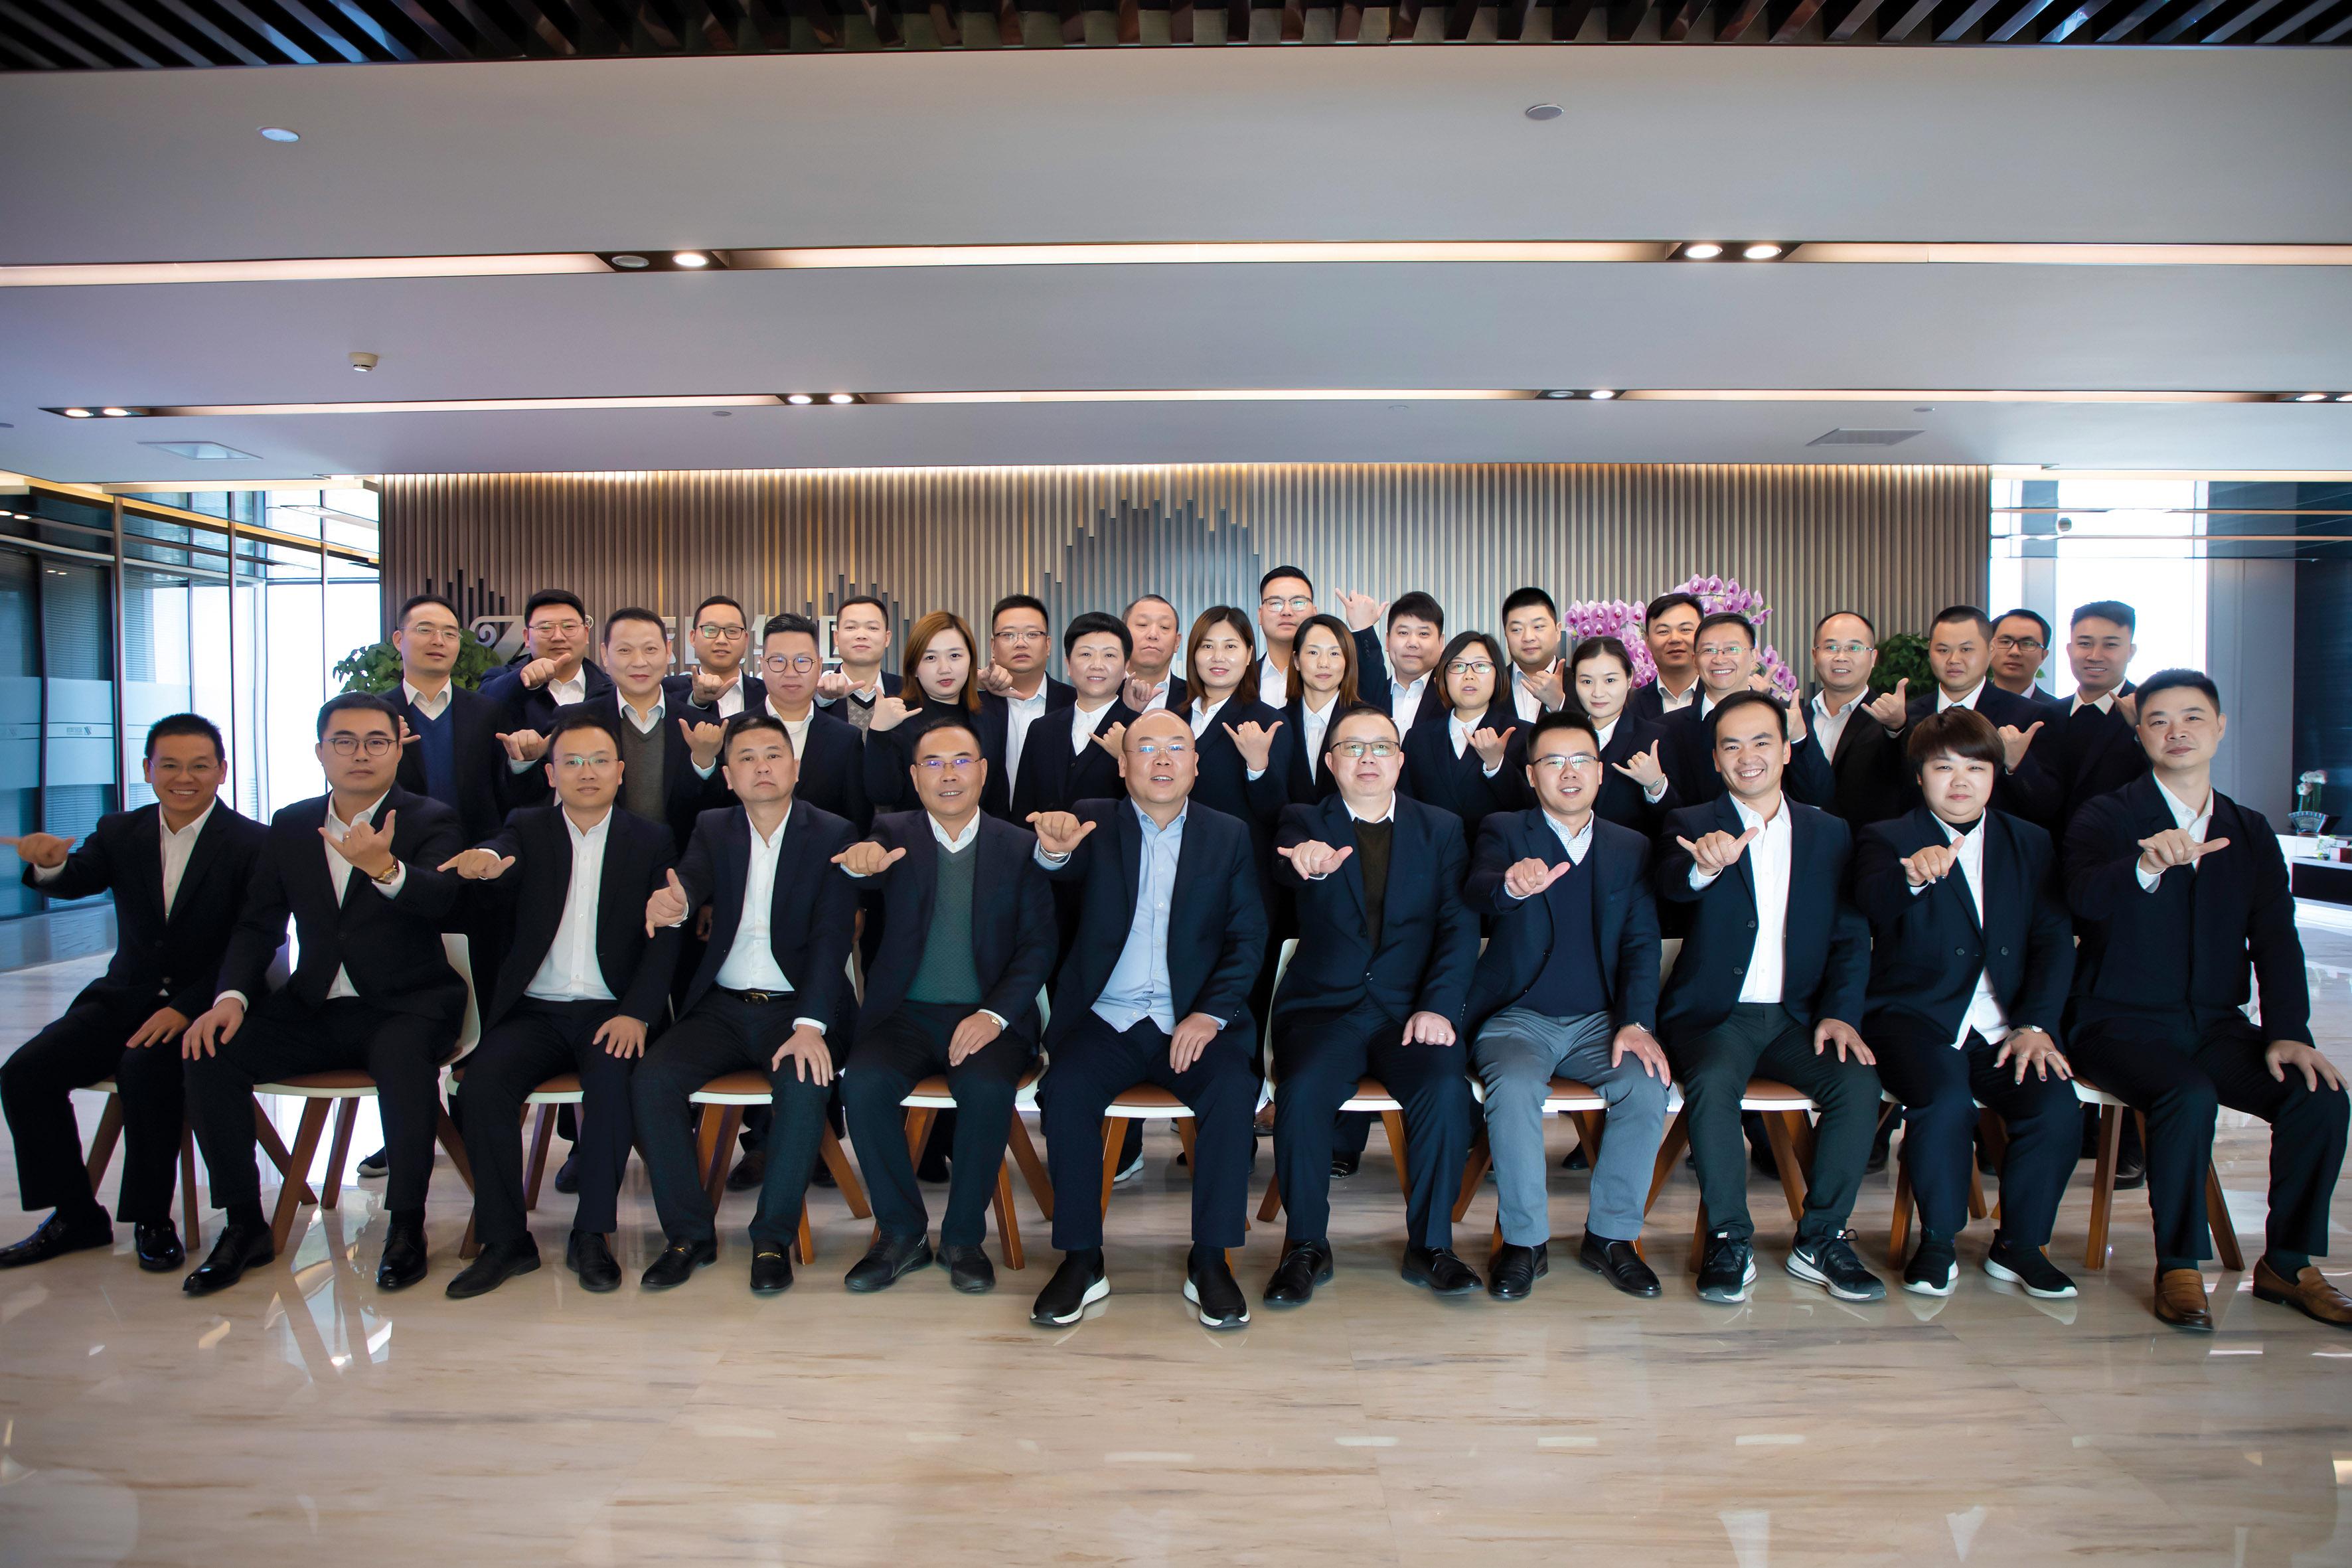 Continuer à lutter, créer et partager ensemble - La réunion de synthèse des travaux 2020 du groupe Hongwang s'est terminée avec succès